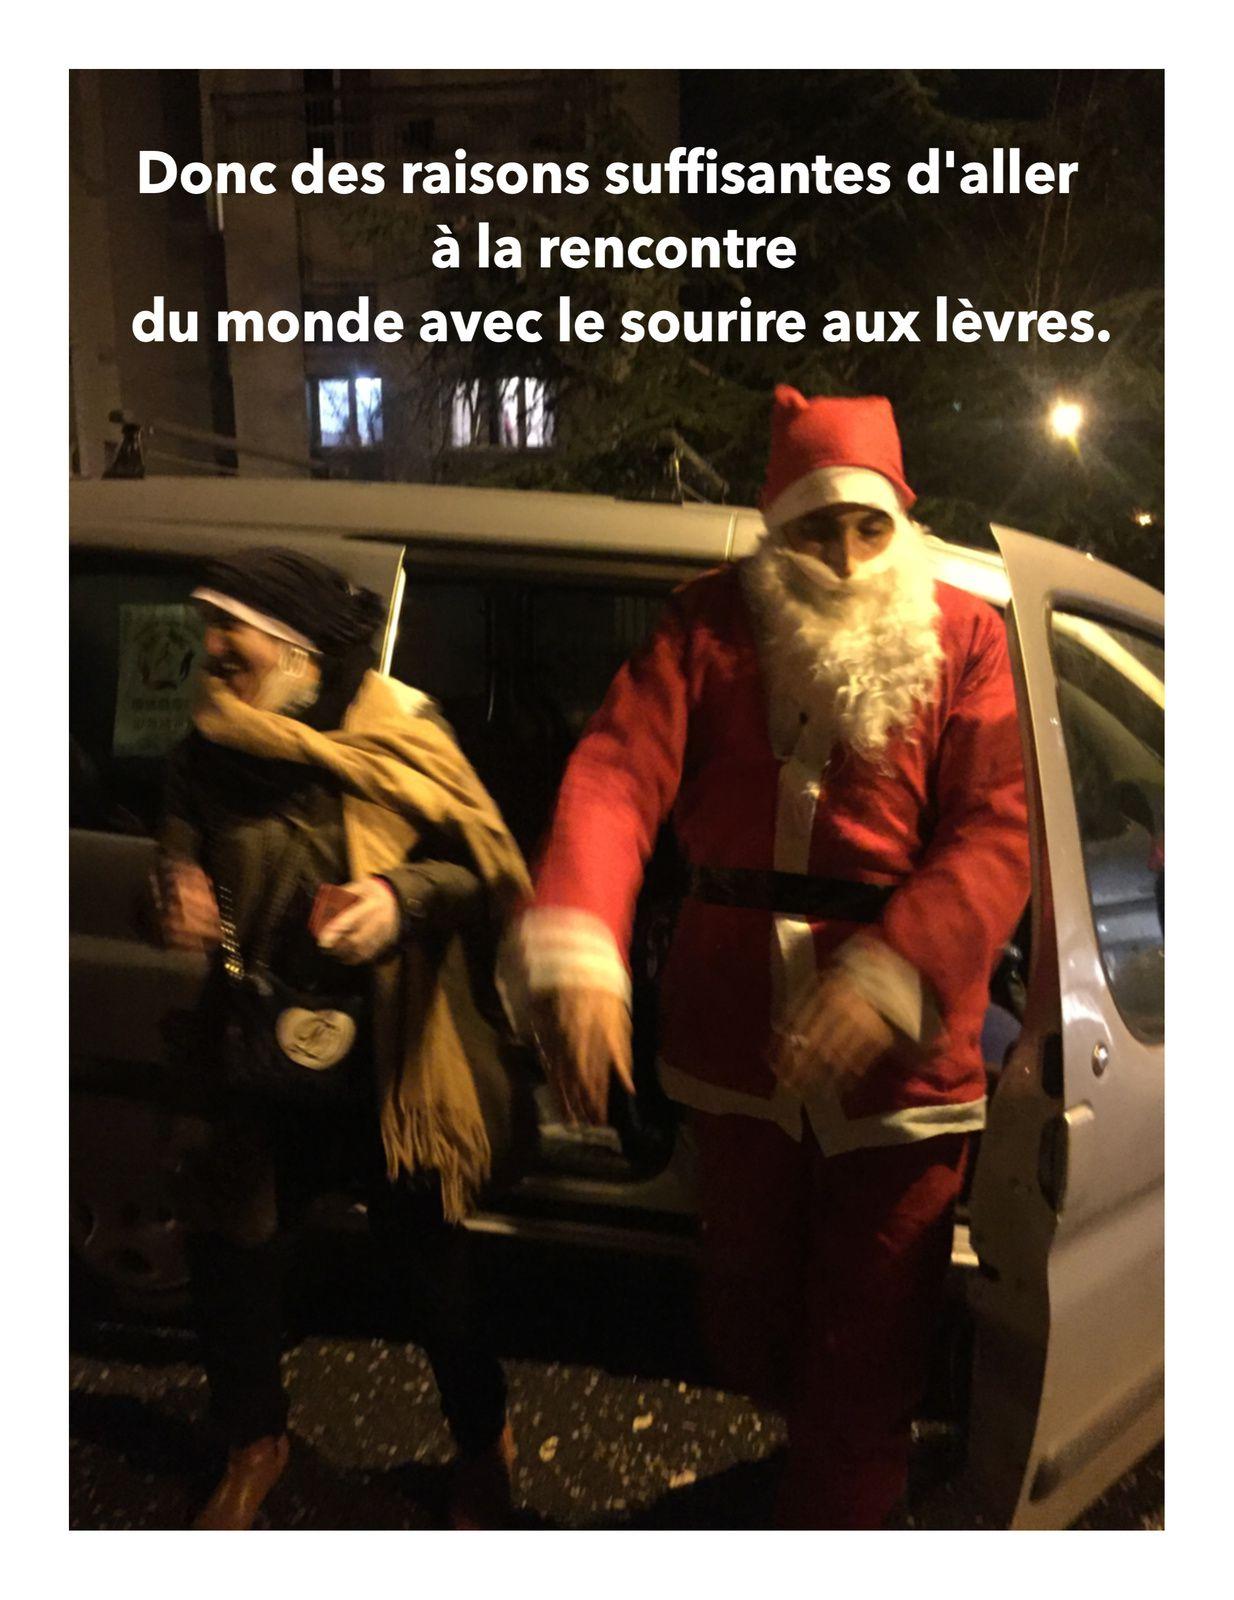 Image Association IDH Pour que chacun vive un moment inoubliable en famille  Rachid EL MAHDI